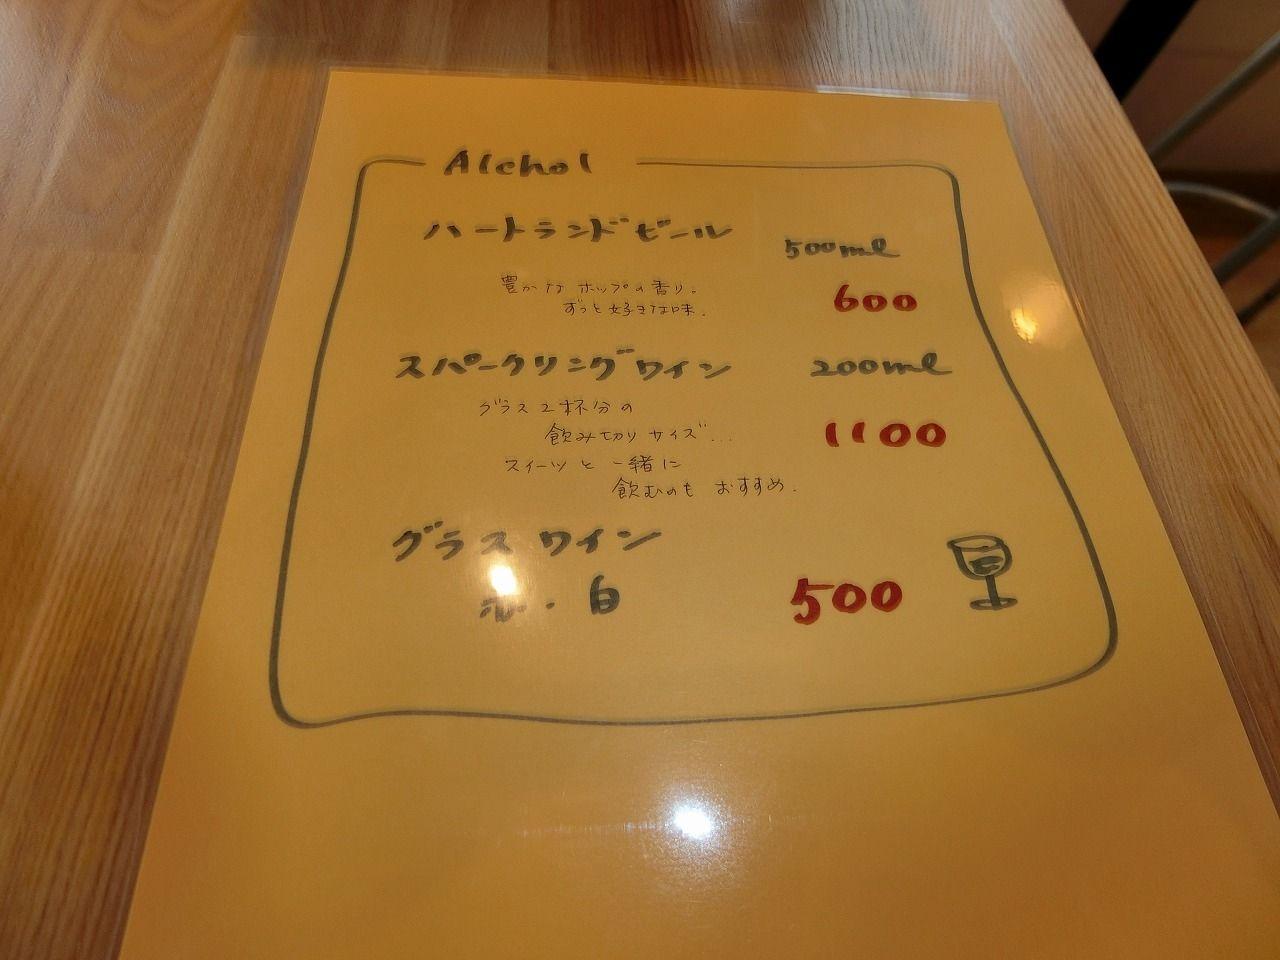 「Madalena Cafe」(マダレーナ カフェ) のメニュー(アルコール)